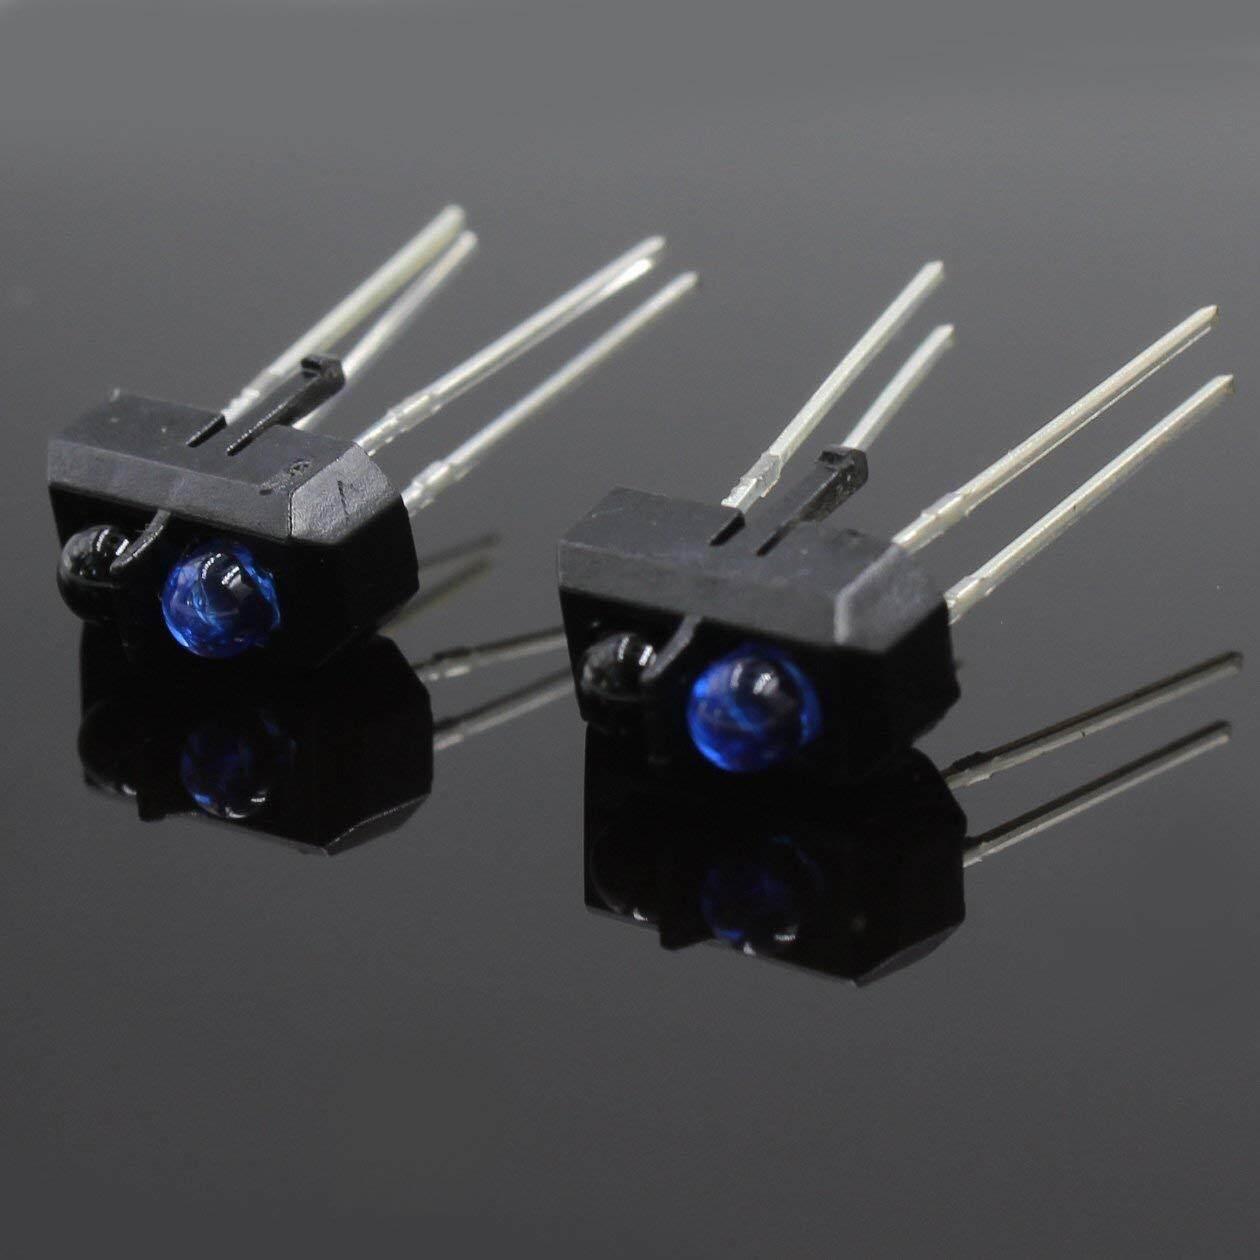 Jual 5 Buah Tcrt5000 Murah Garansi Dan Berkualitas Id Store Sensor Garis Halangan Rintangan Line Track Tcrt 5000 Rp 171000